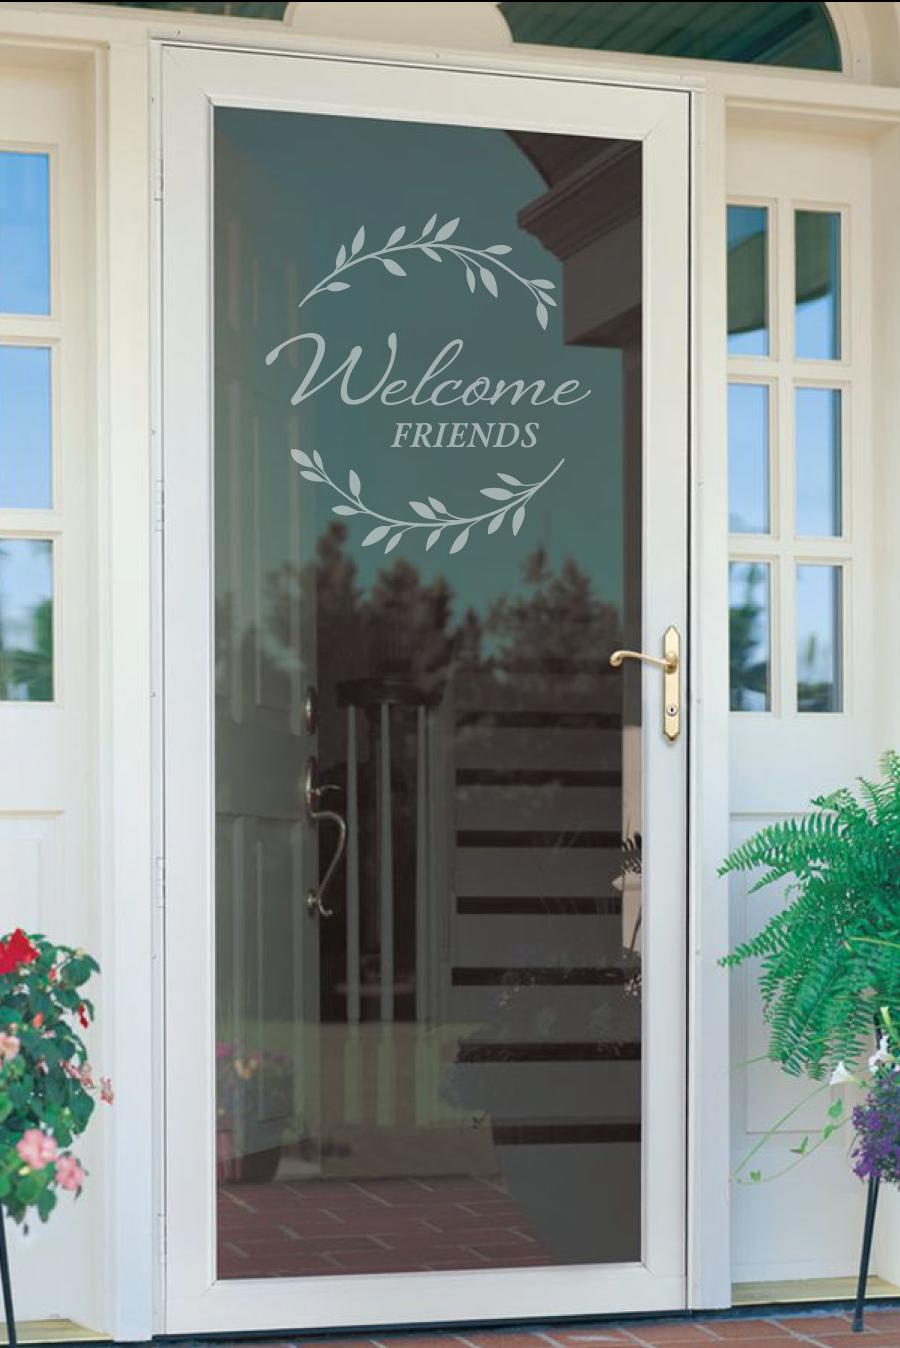 Welcome Friends Glass Storm Door Decal To Welcome Your Etsy Glass Storm Doors Storm Door Painted Storm Door